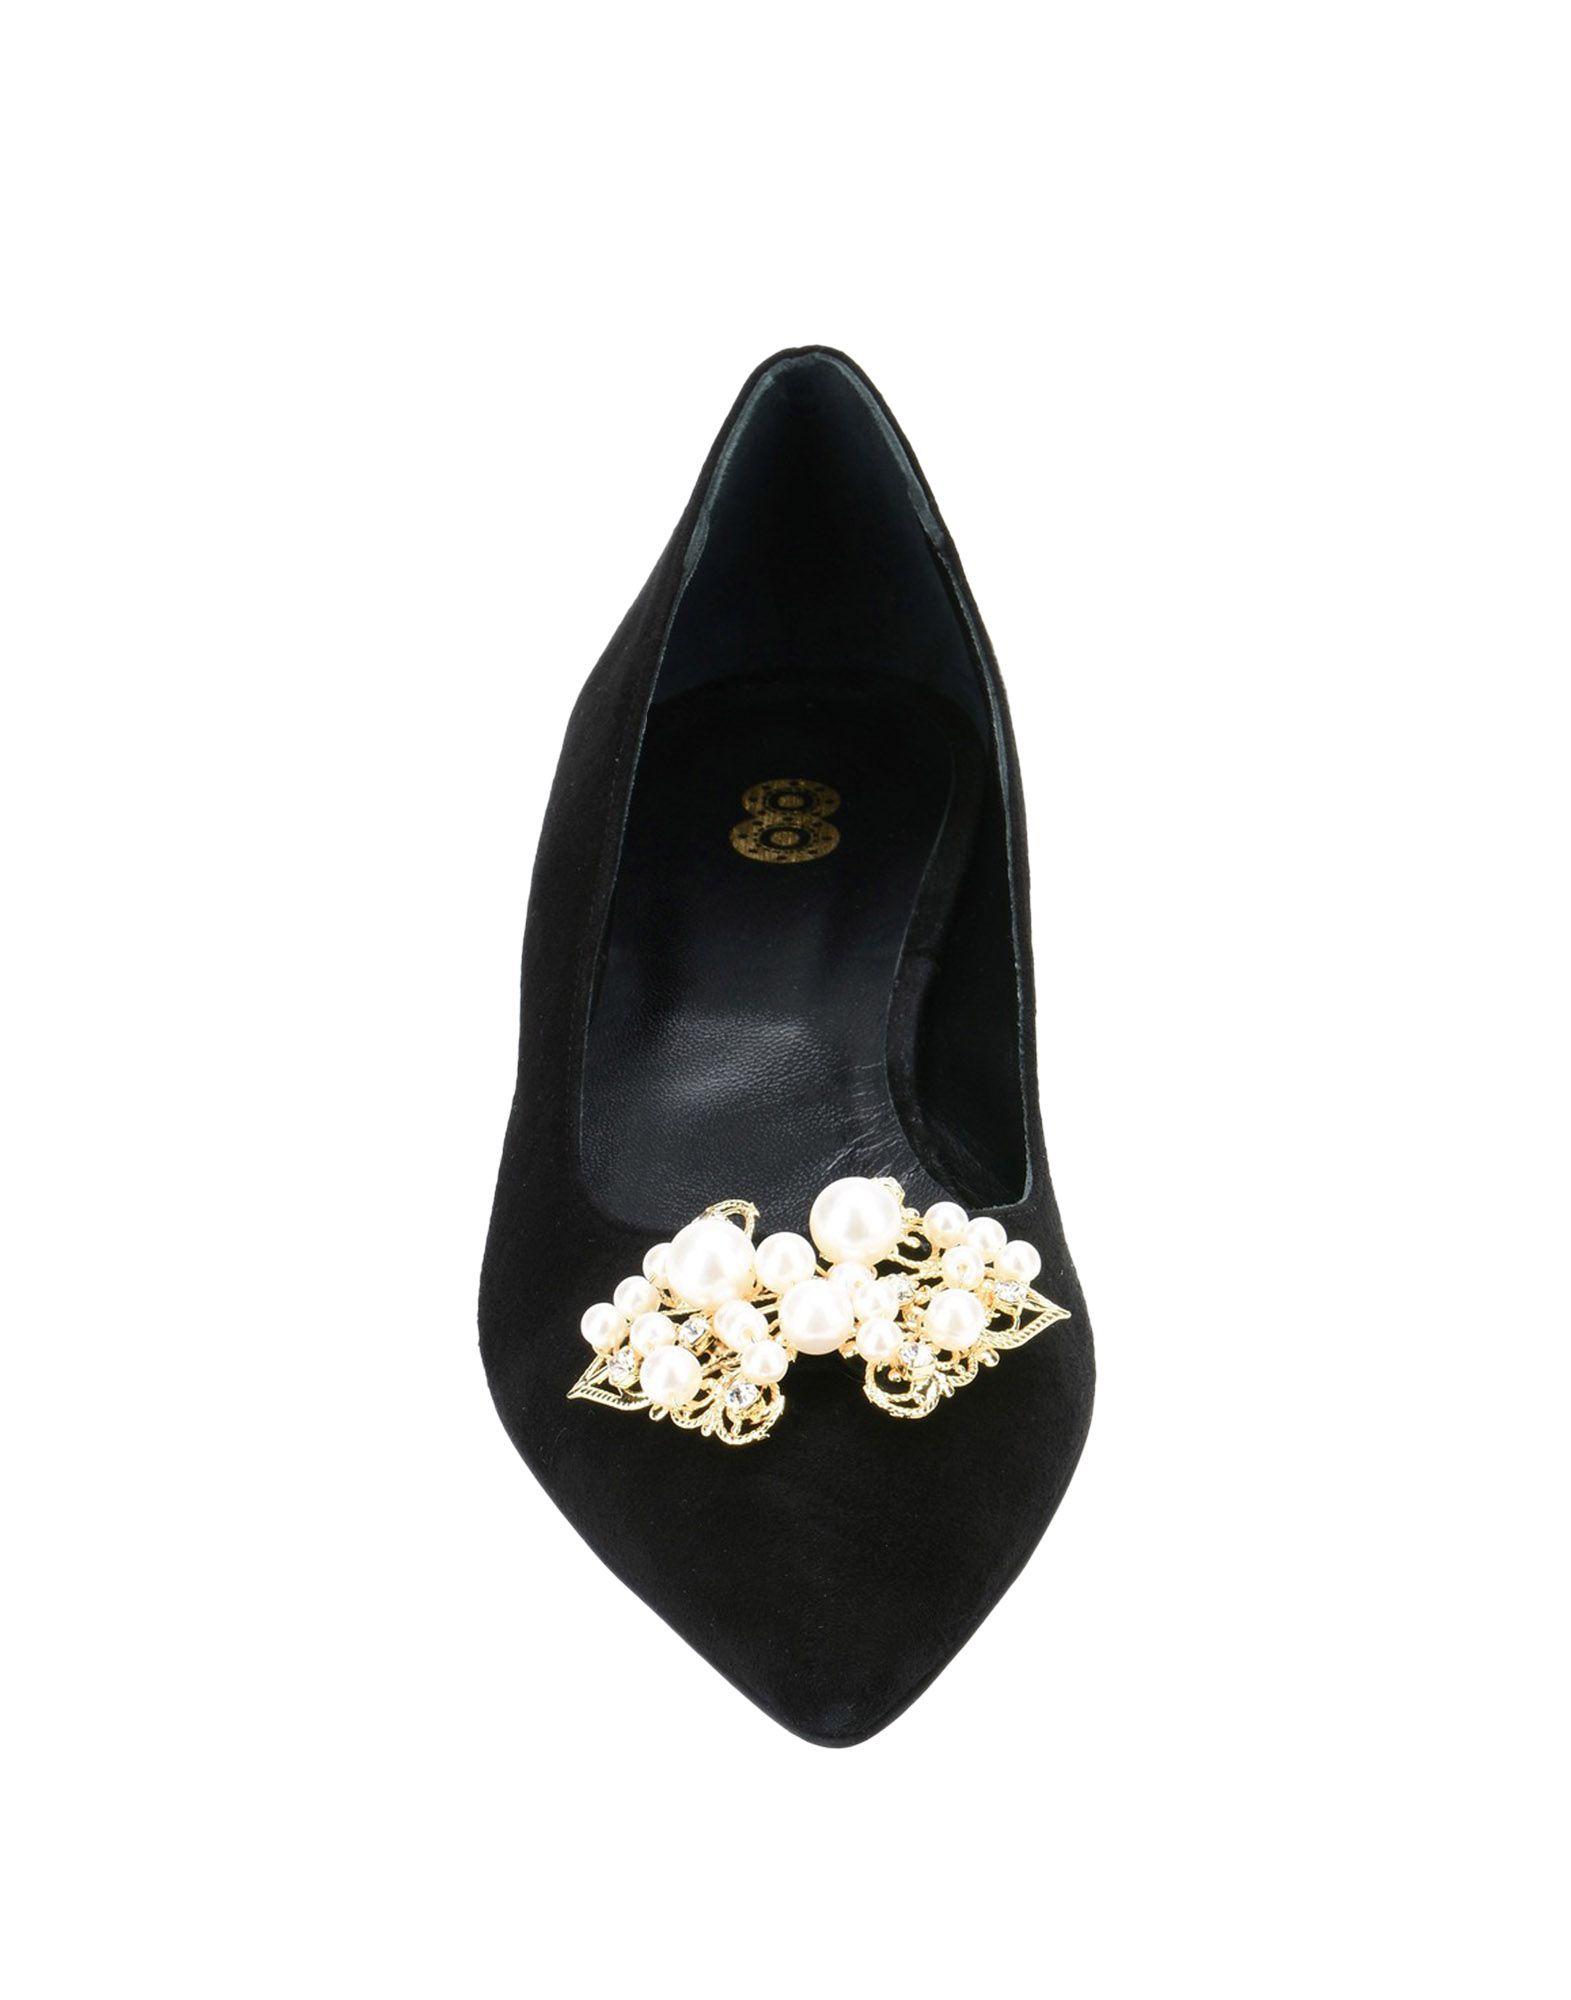 8 Ballerinas Damen  beliebte 11405850LF Gute Qualität beliebte  Schuhe a4fd69